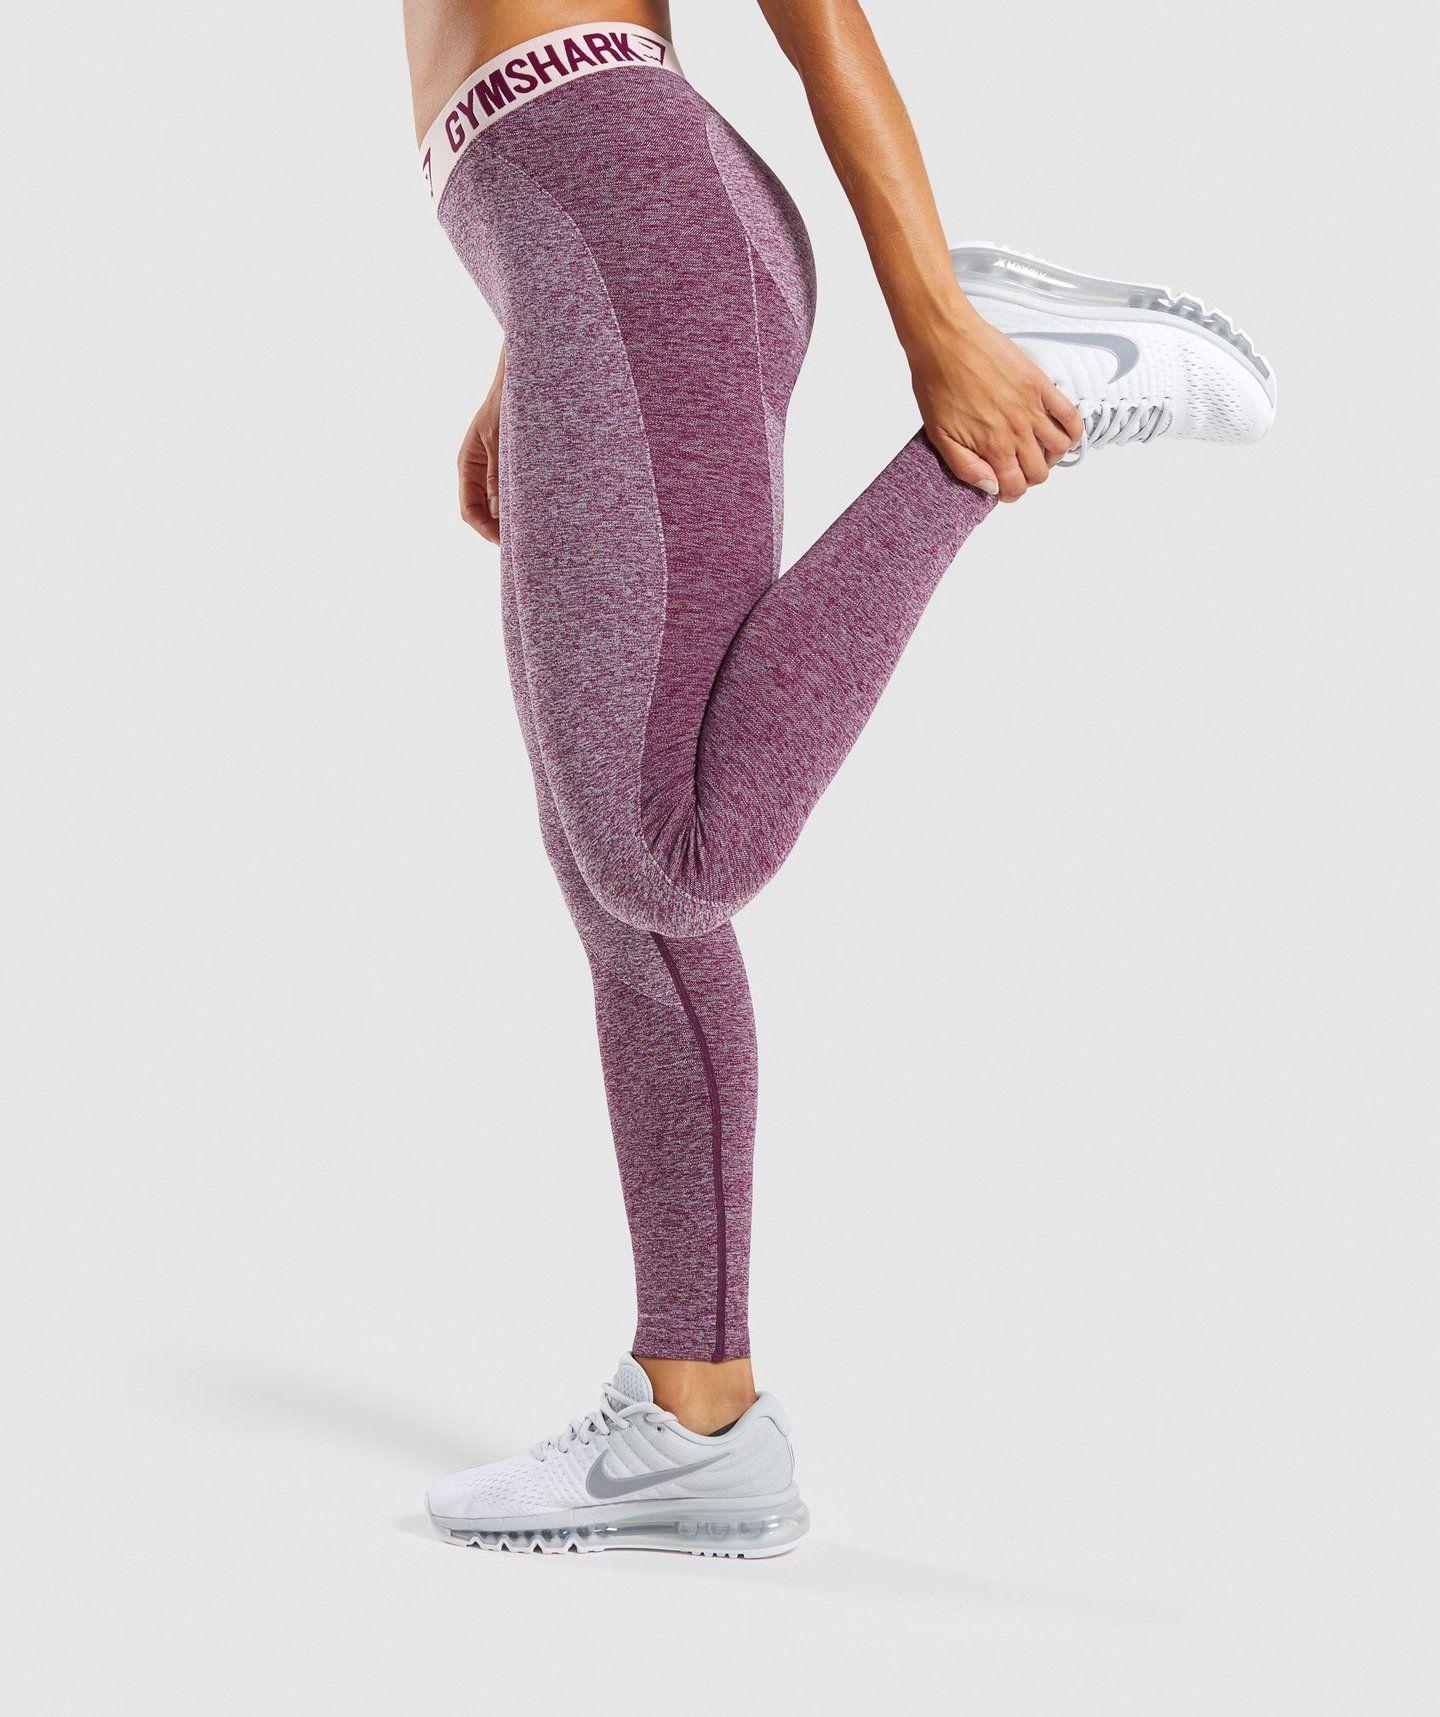 0b0552bf1cc4e Gymshark Flex Leggings - Dark Ruby Marl/Blush Nude in 2019 ...